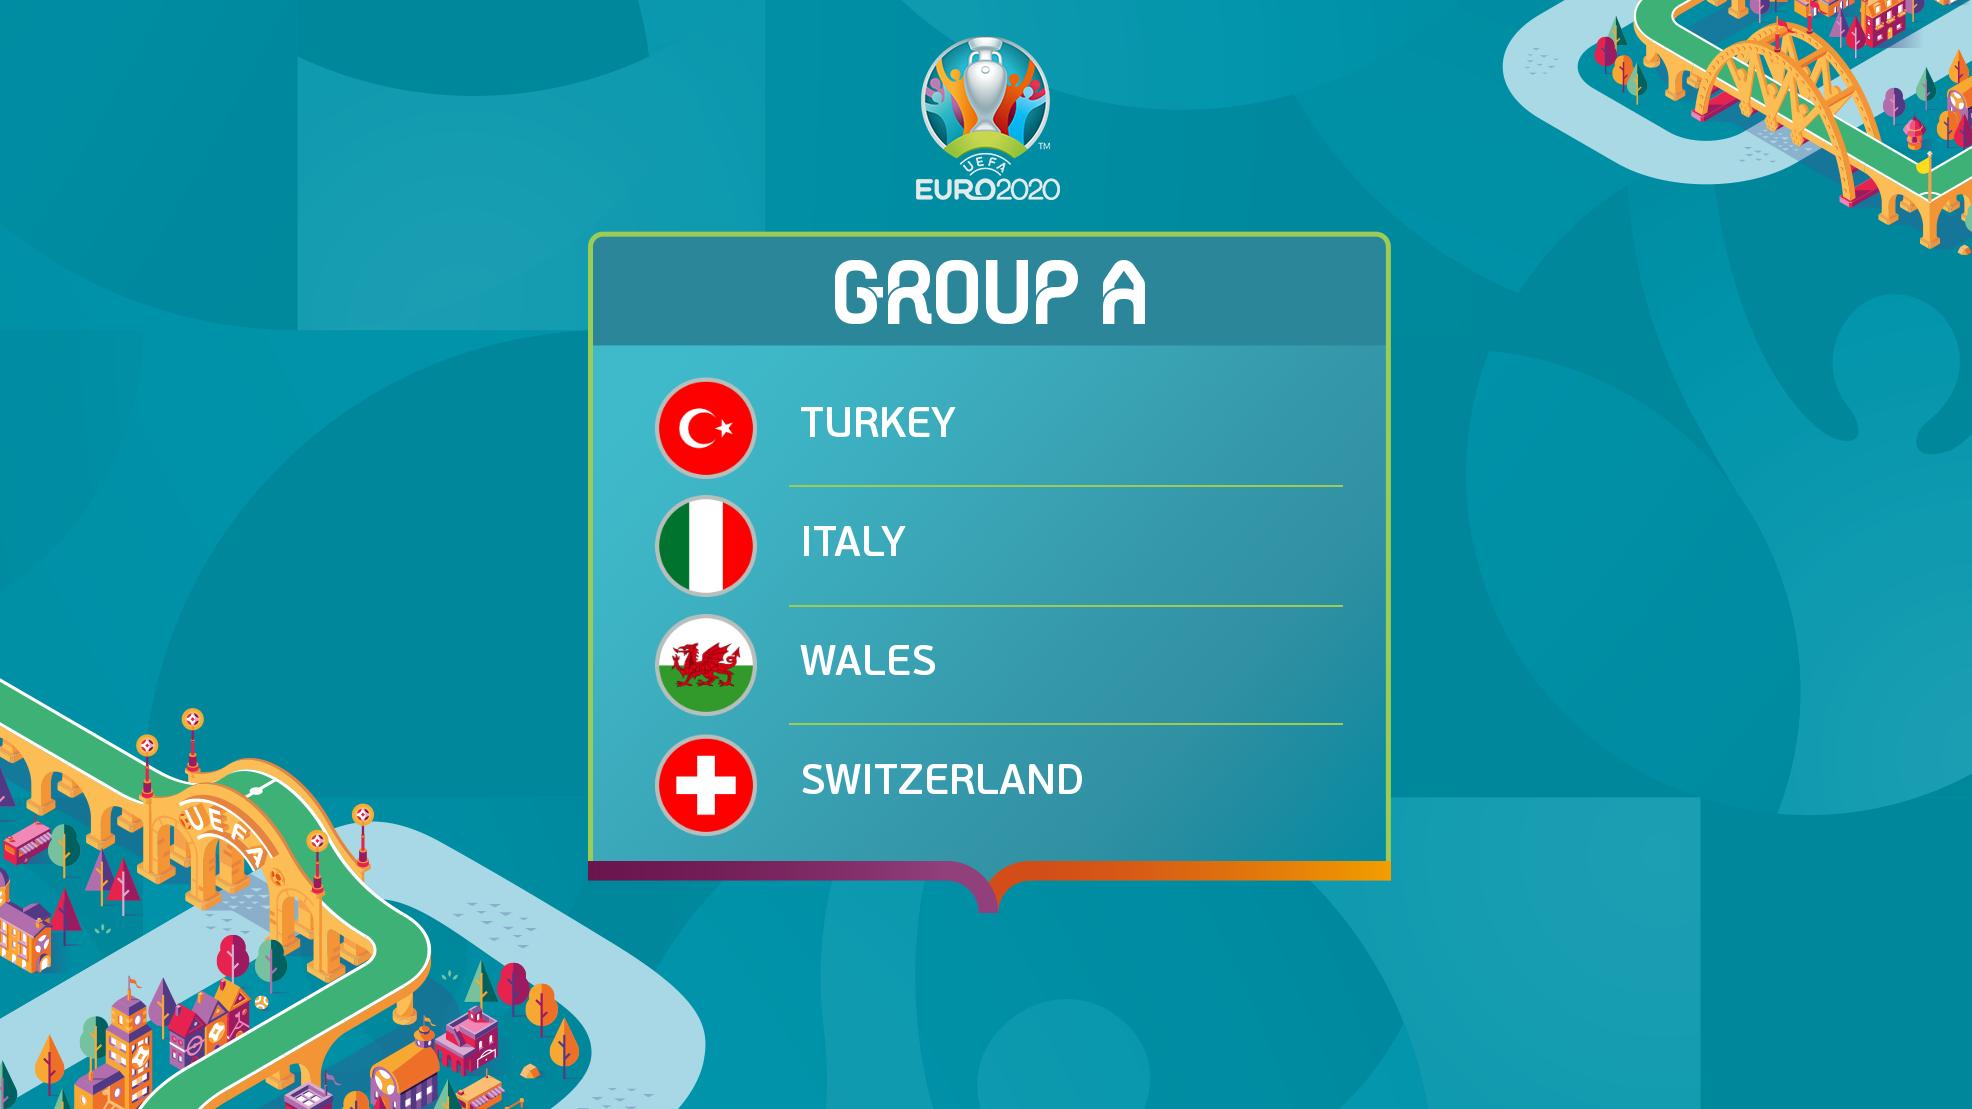 EURO 2020 - Group A Groupa